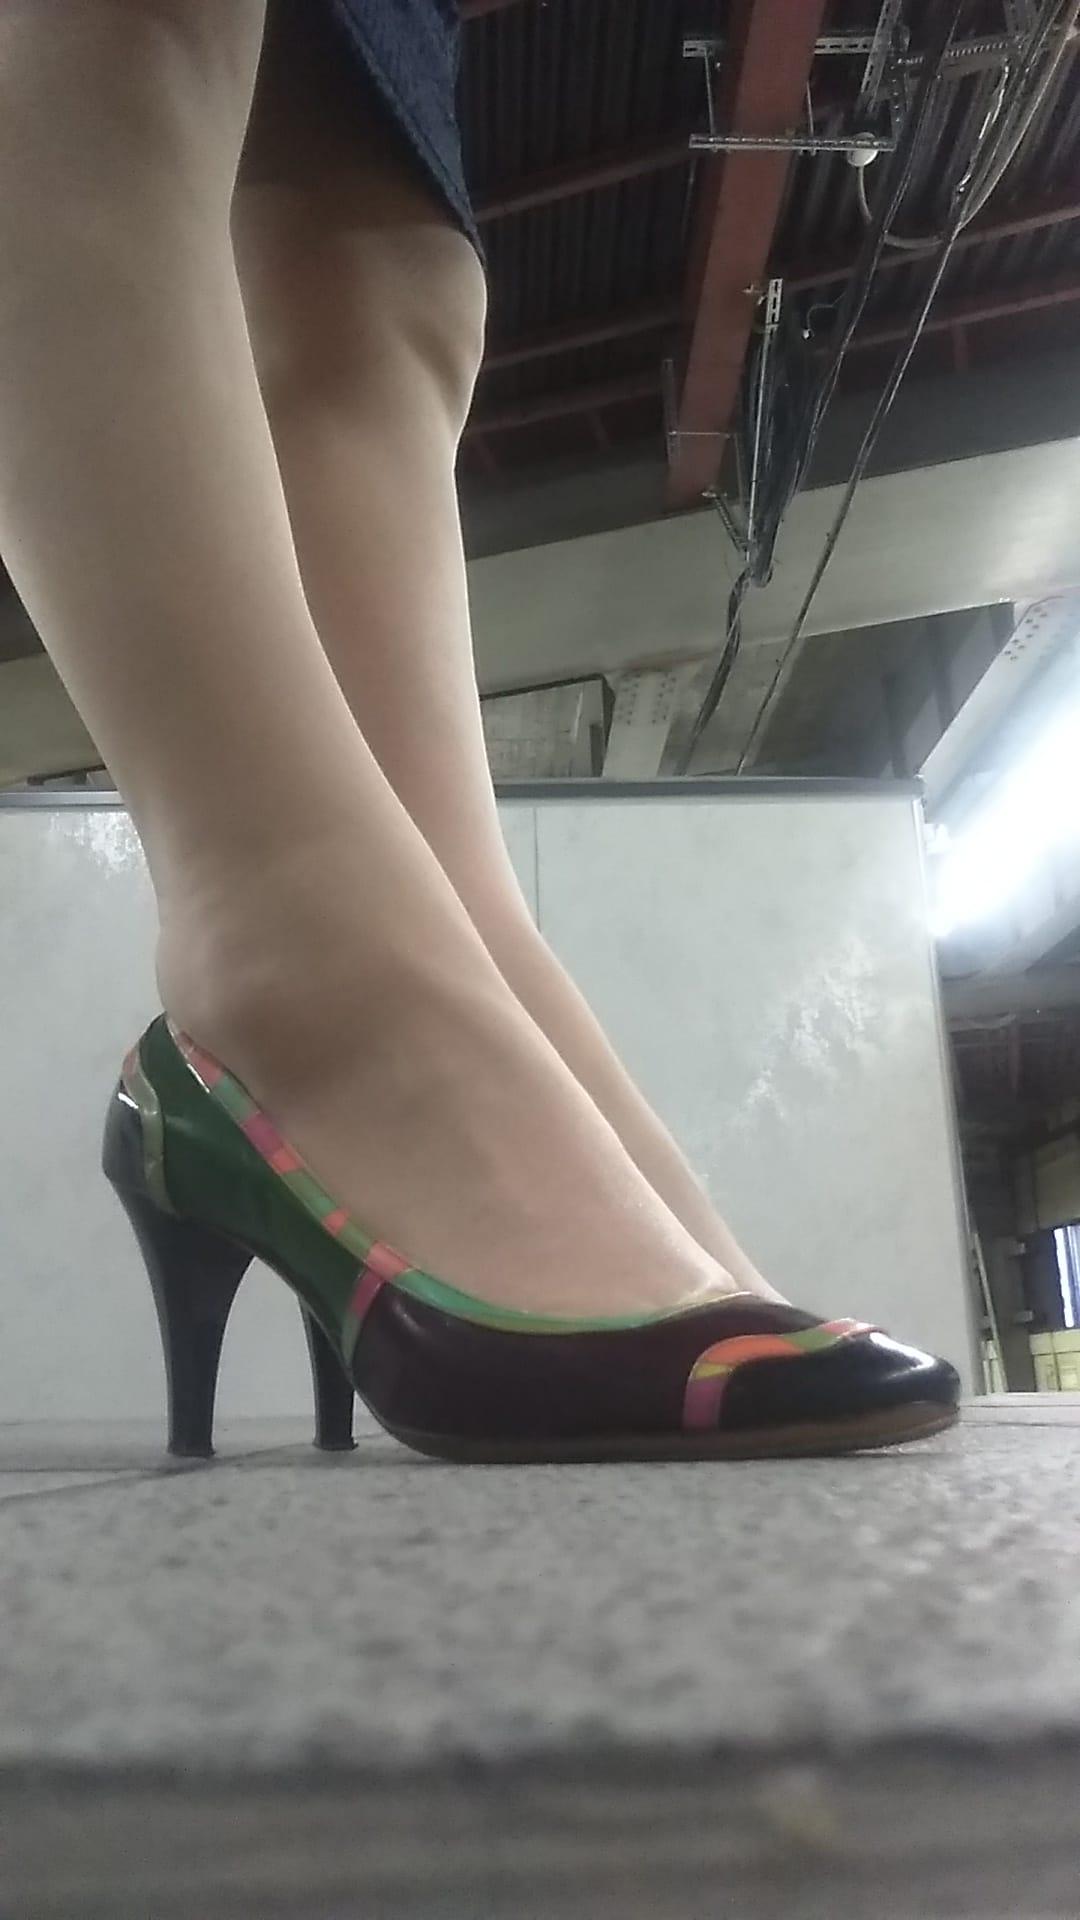 小早川 みき「優しさ」09/18(月) 15:33   小早川 みきの写メ・風俗動画